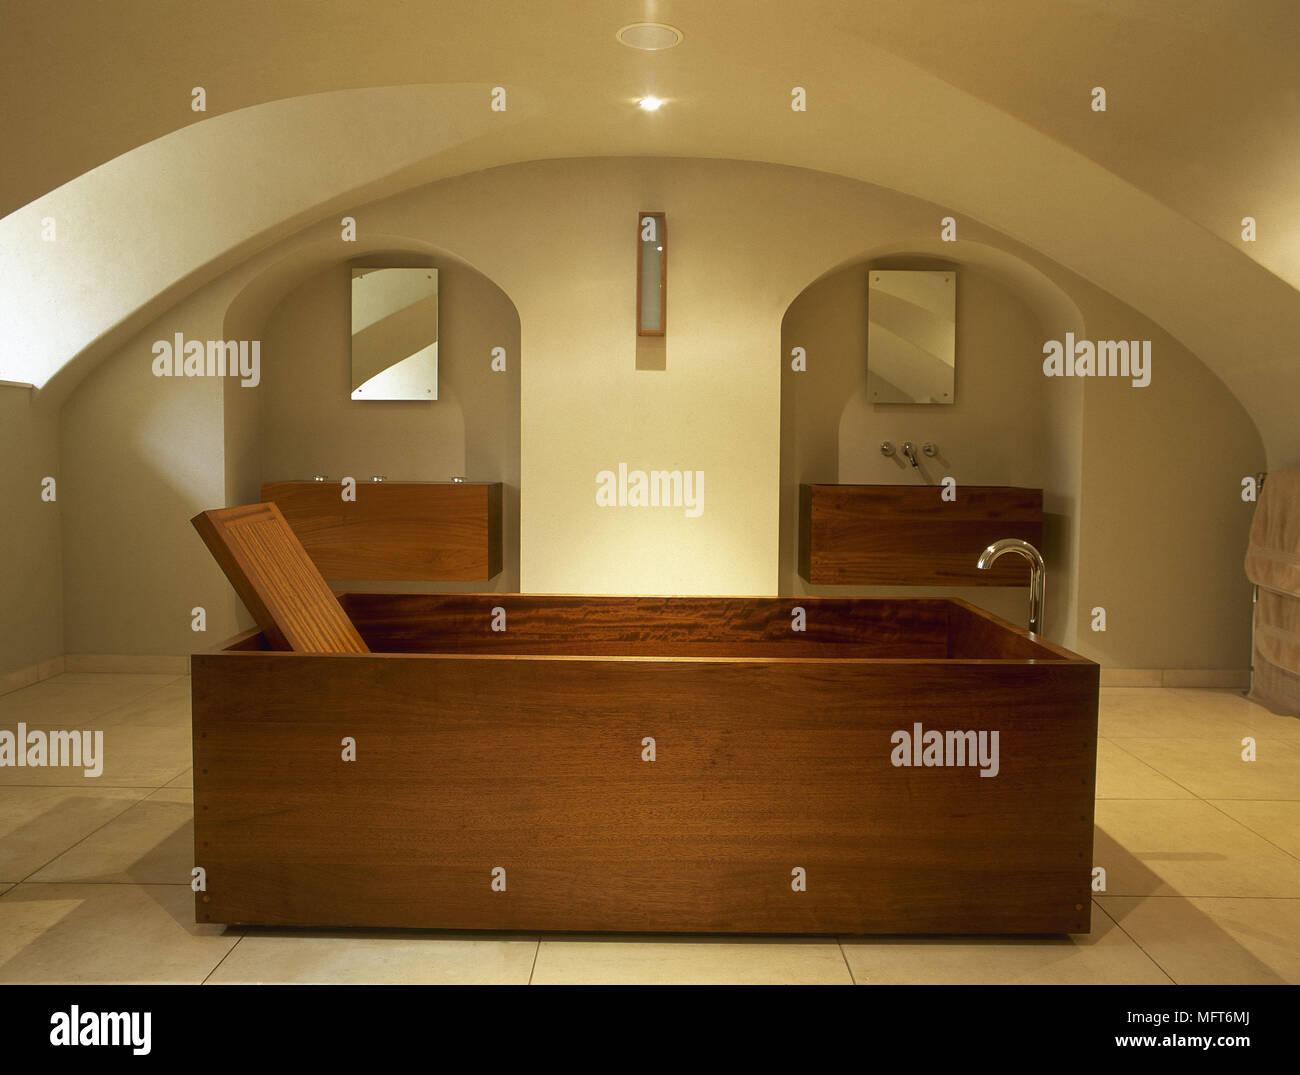 Freestanding vasca di legno nel centro di minimalista bagno con